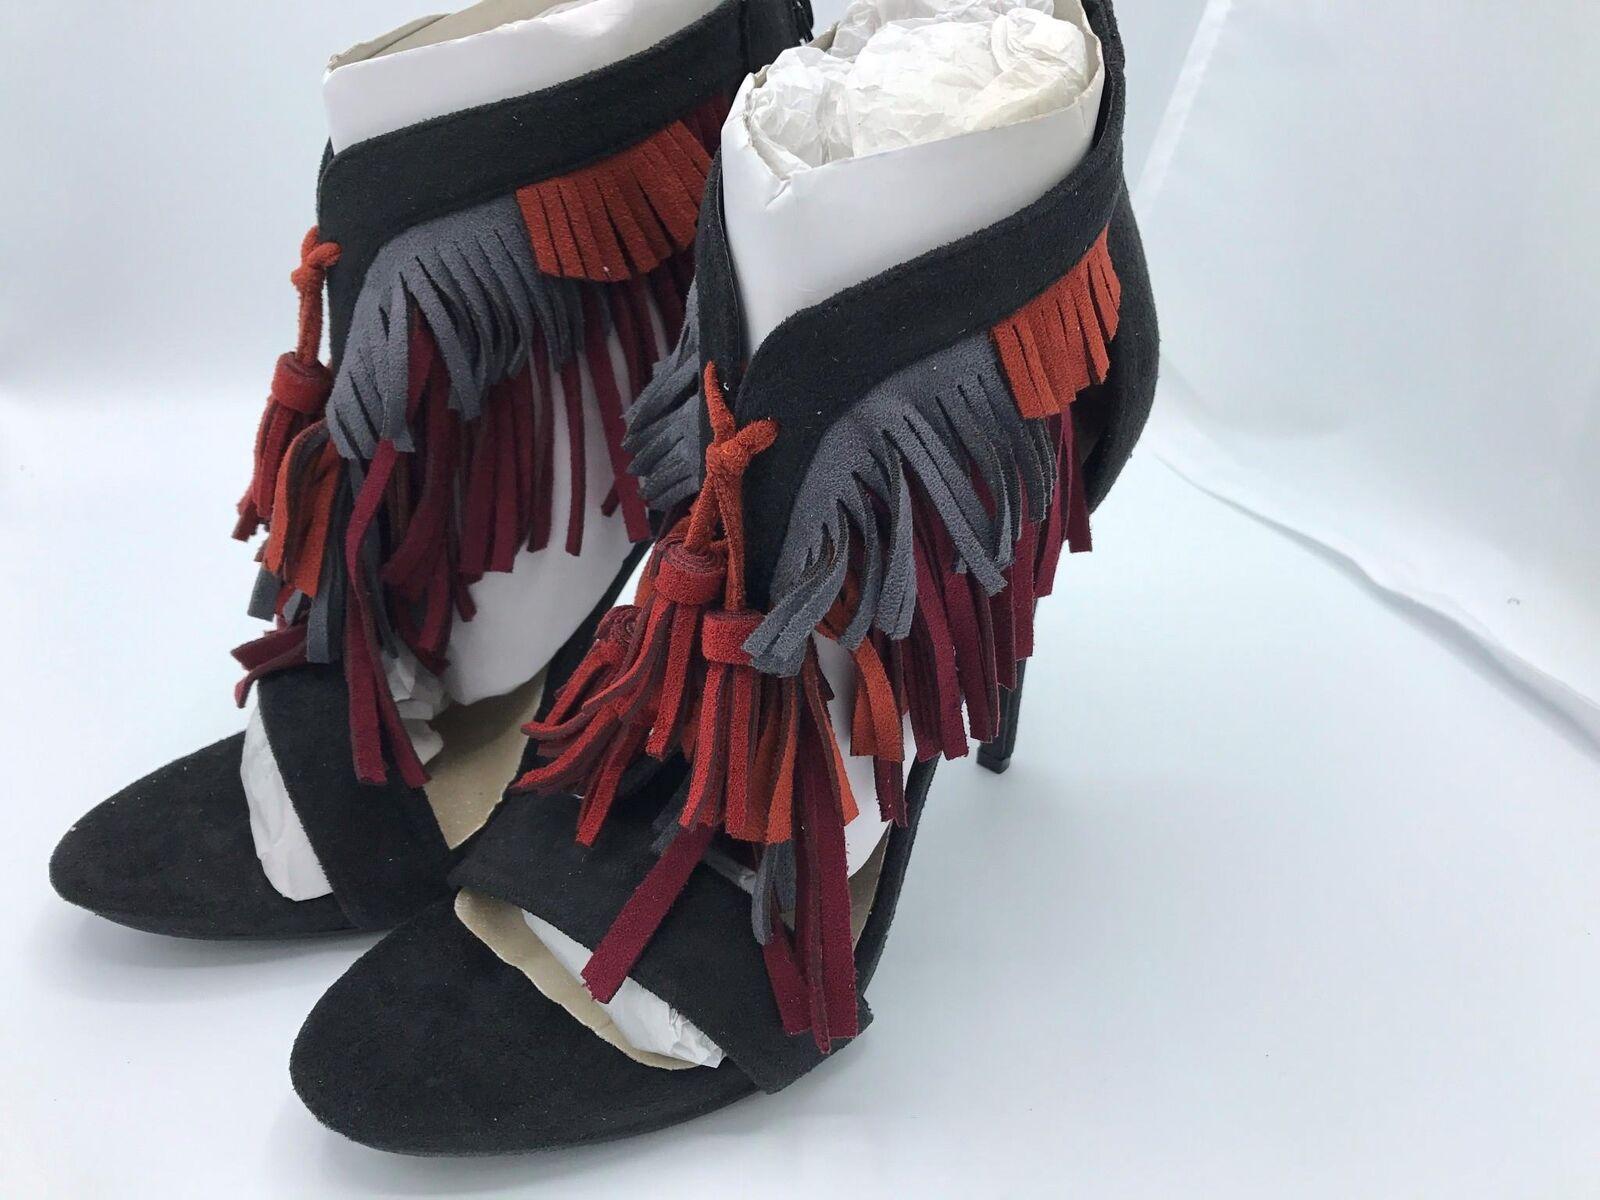 C Label Napoli 28 Fringed Heel (1532) Black w/Multi Fringes Size 10